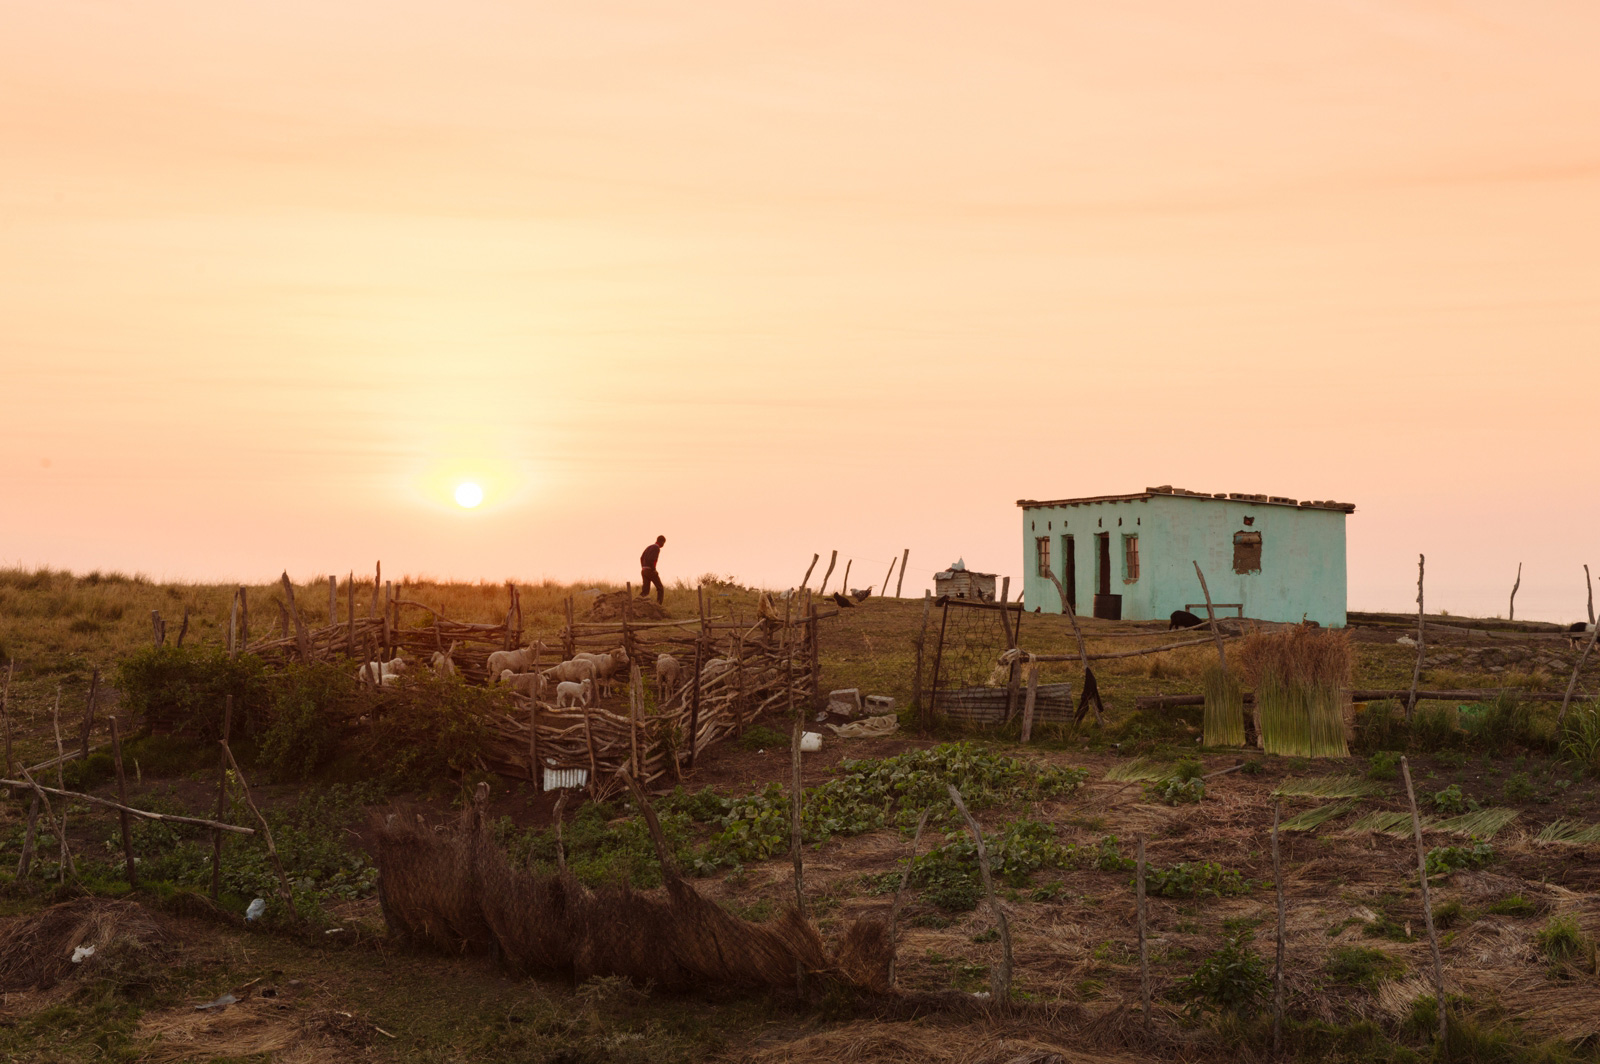 african housing